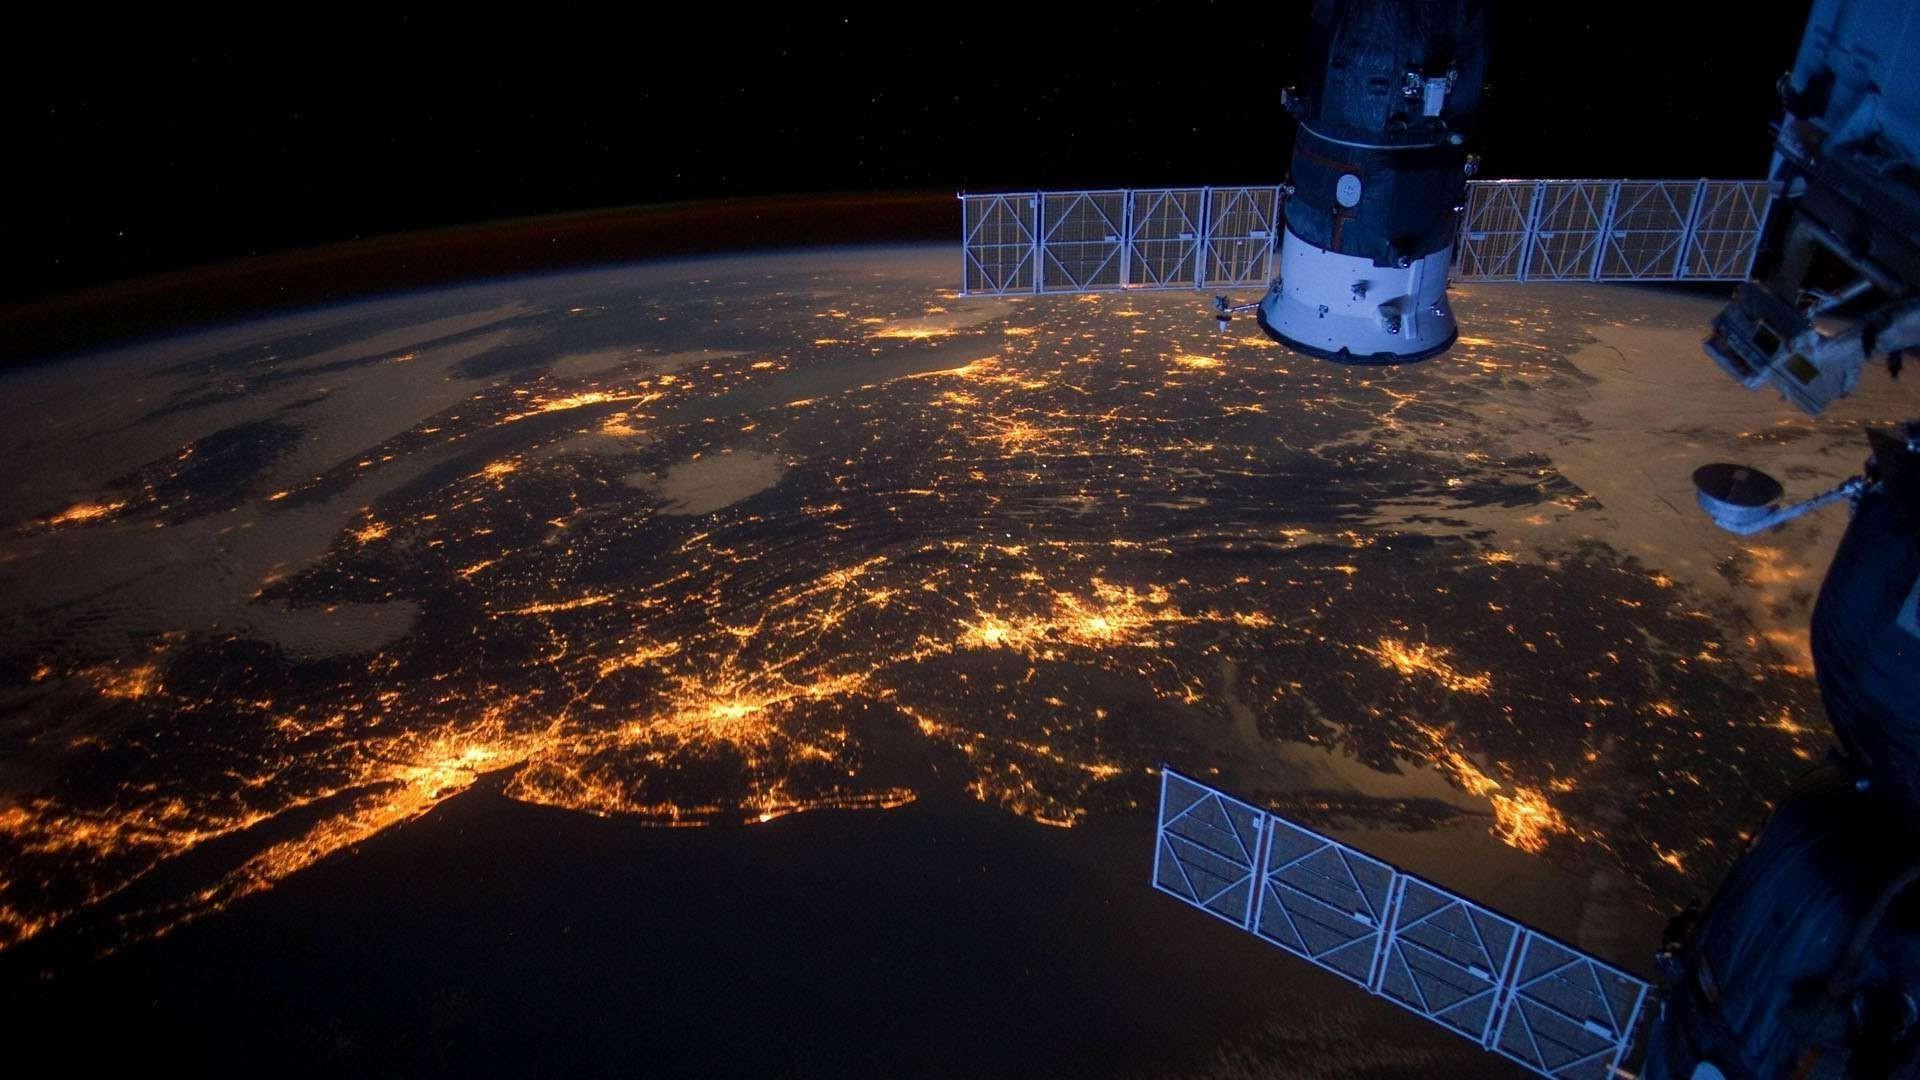 Hintergrundbilder : 1920x1080 px, Kontinente, Erde, Beleuchtung ...